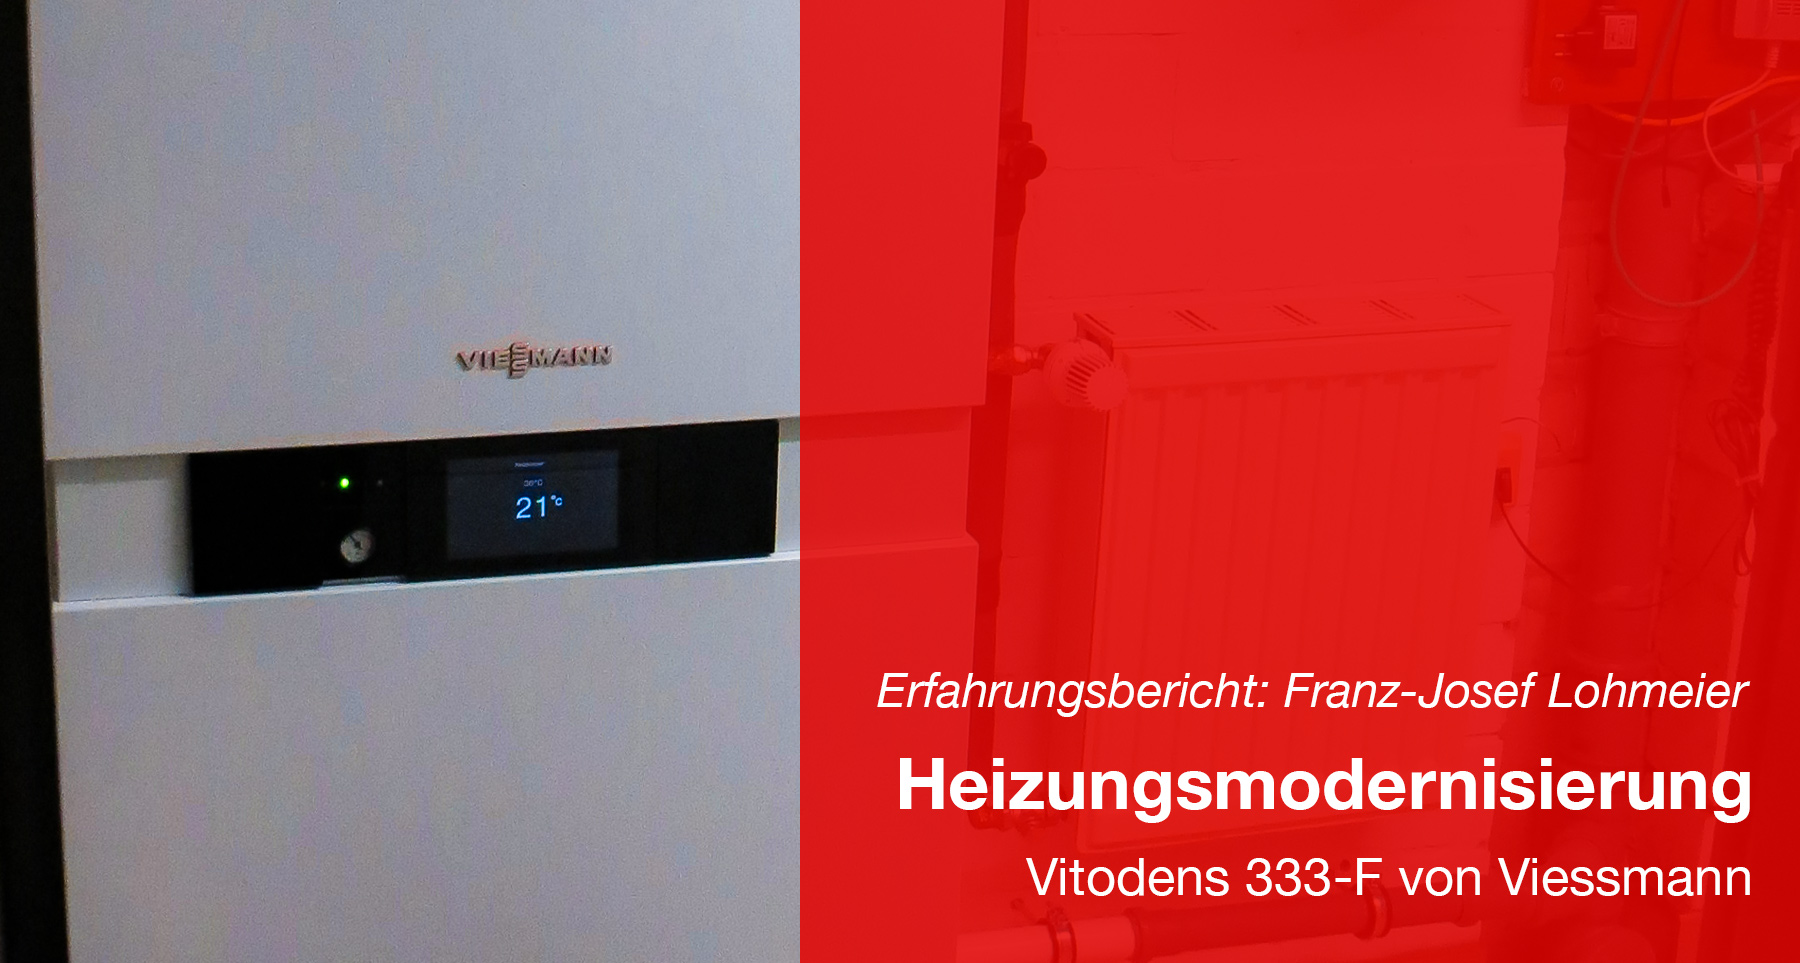 Heizungserneuerung Modernisierung Heizung: Vitodens 333-F von Viessmann